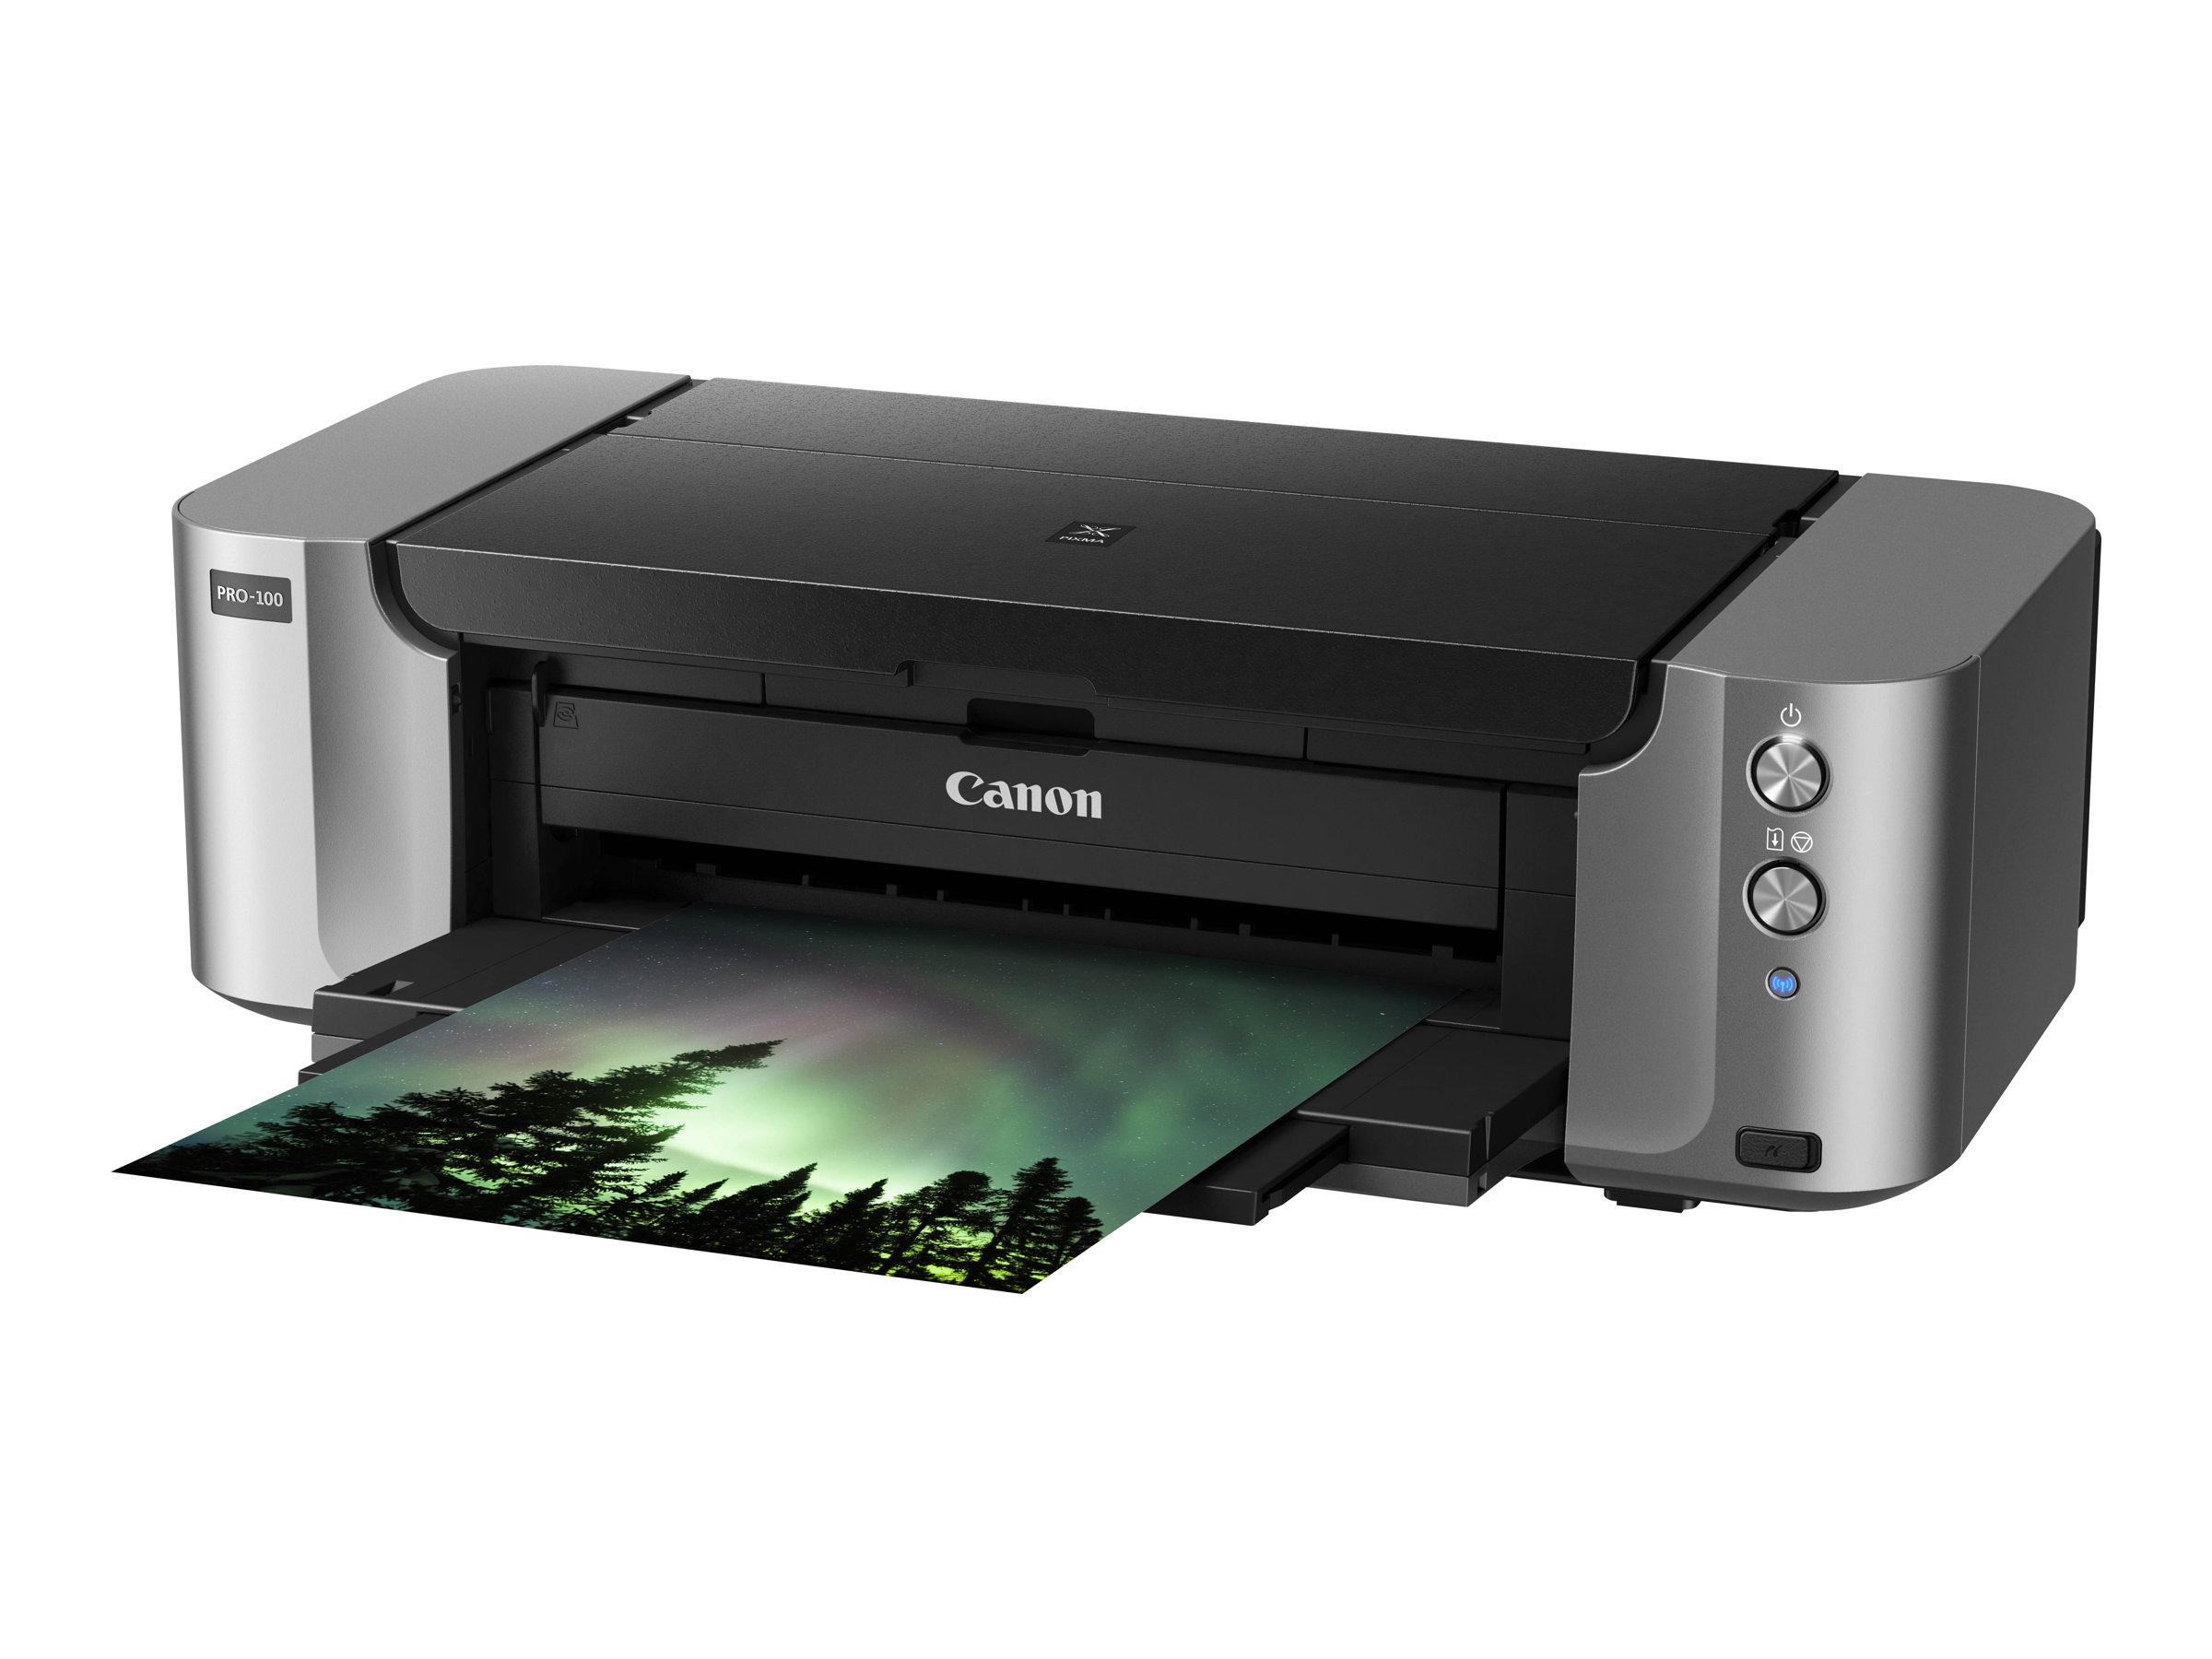 Canon PIXMA PRO-100S - Drucker - Farbe - Tintenstrahl - A3 Plus, 360 x 430 mm bis zu 1.5 Min./Seite (Farbe) - Kapazität: 150 Blä